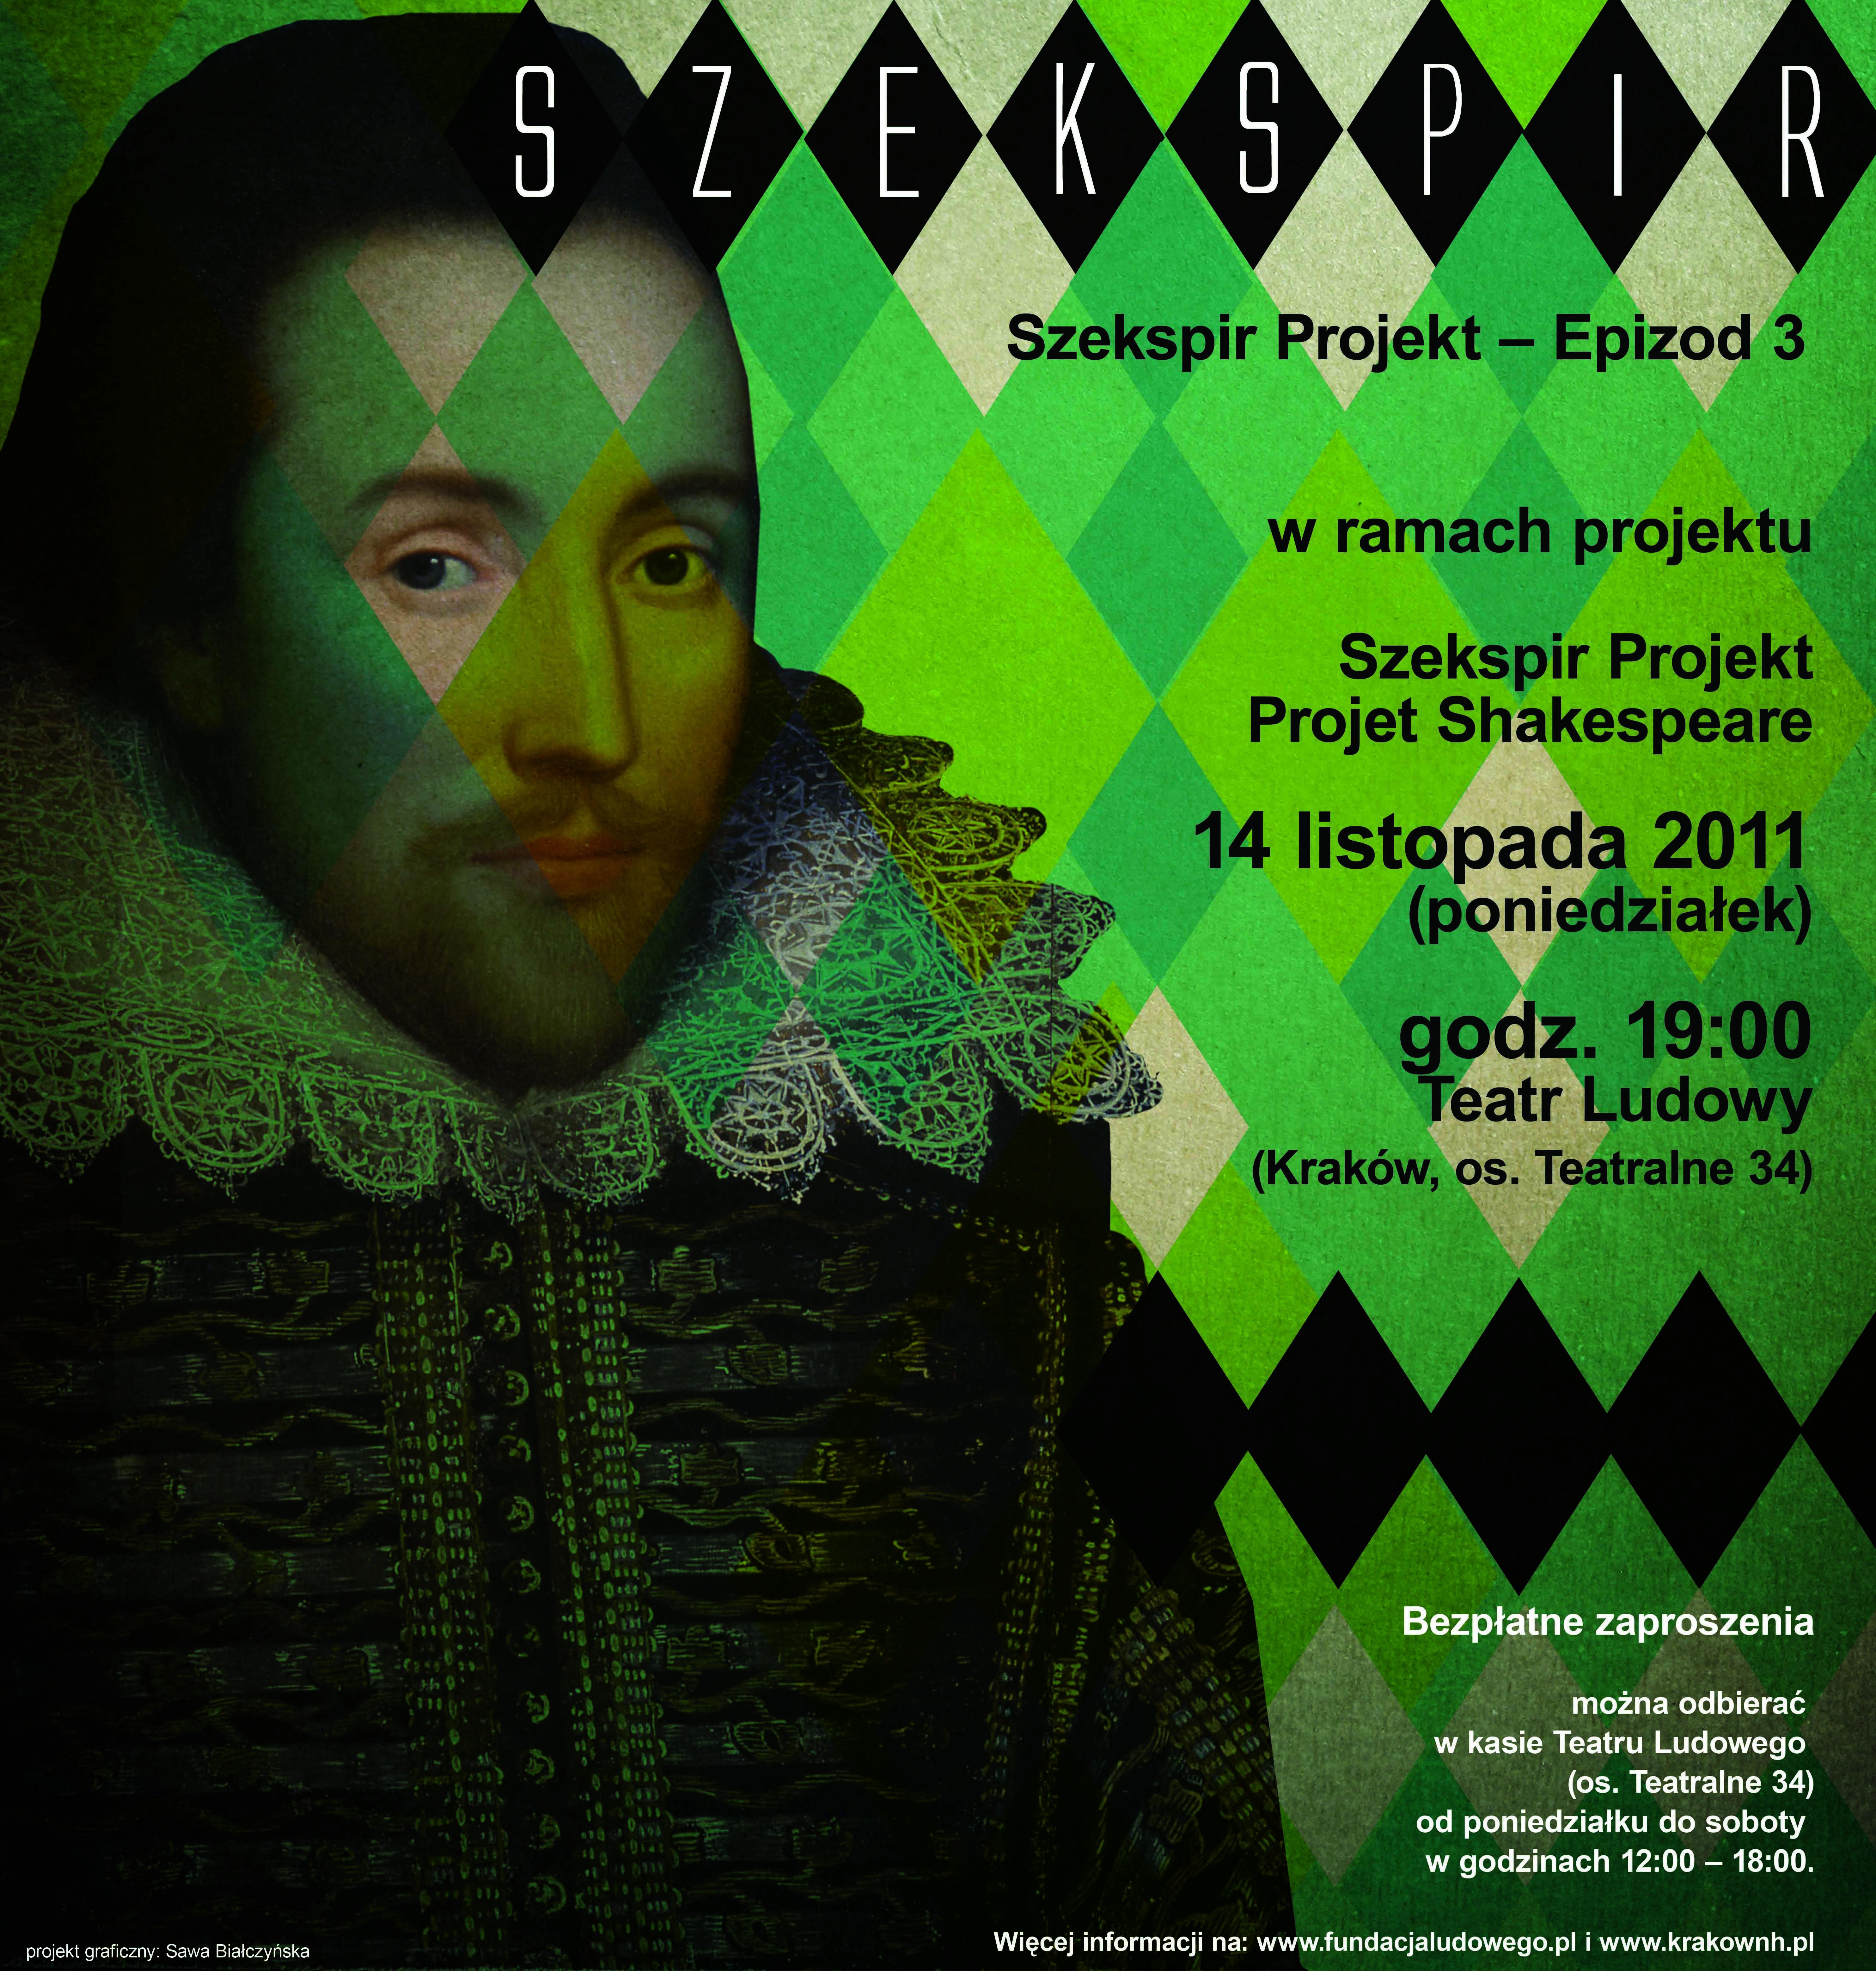 """Plakat """"Projektu Szekspir"""" (źródło: materiały prasowe organizatora)."""